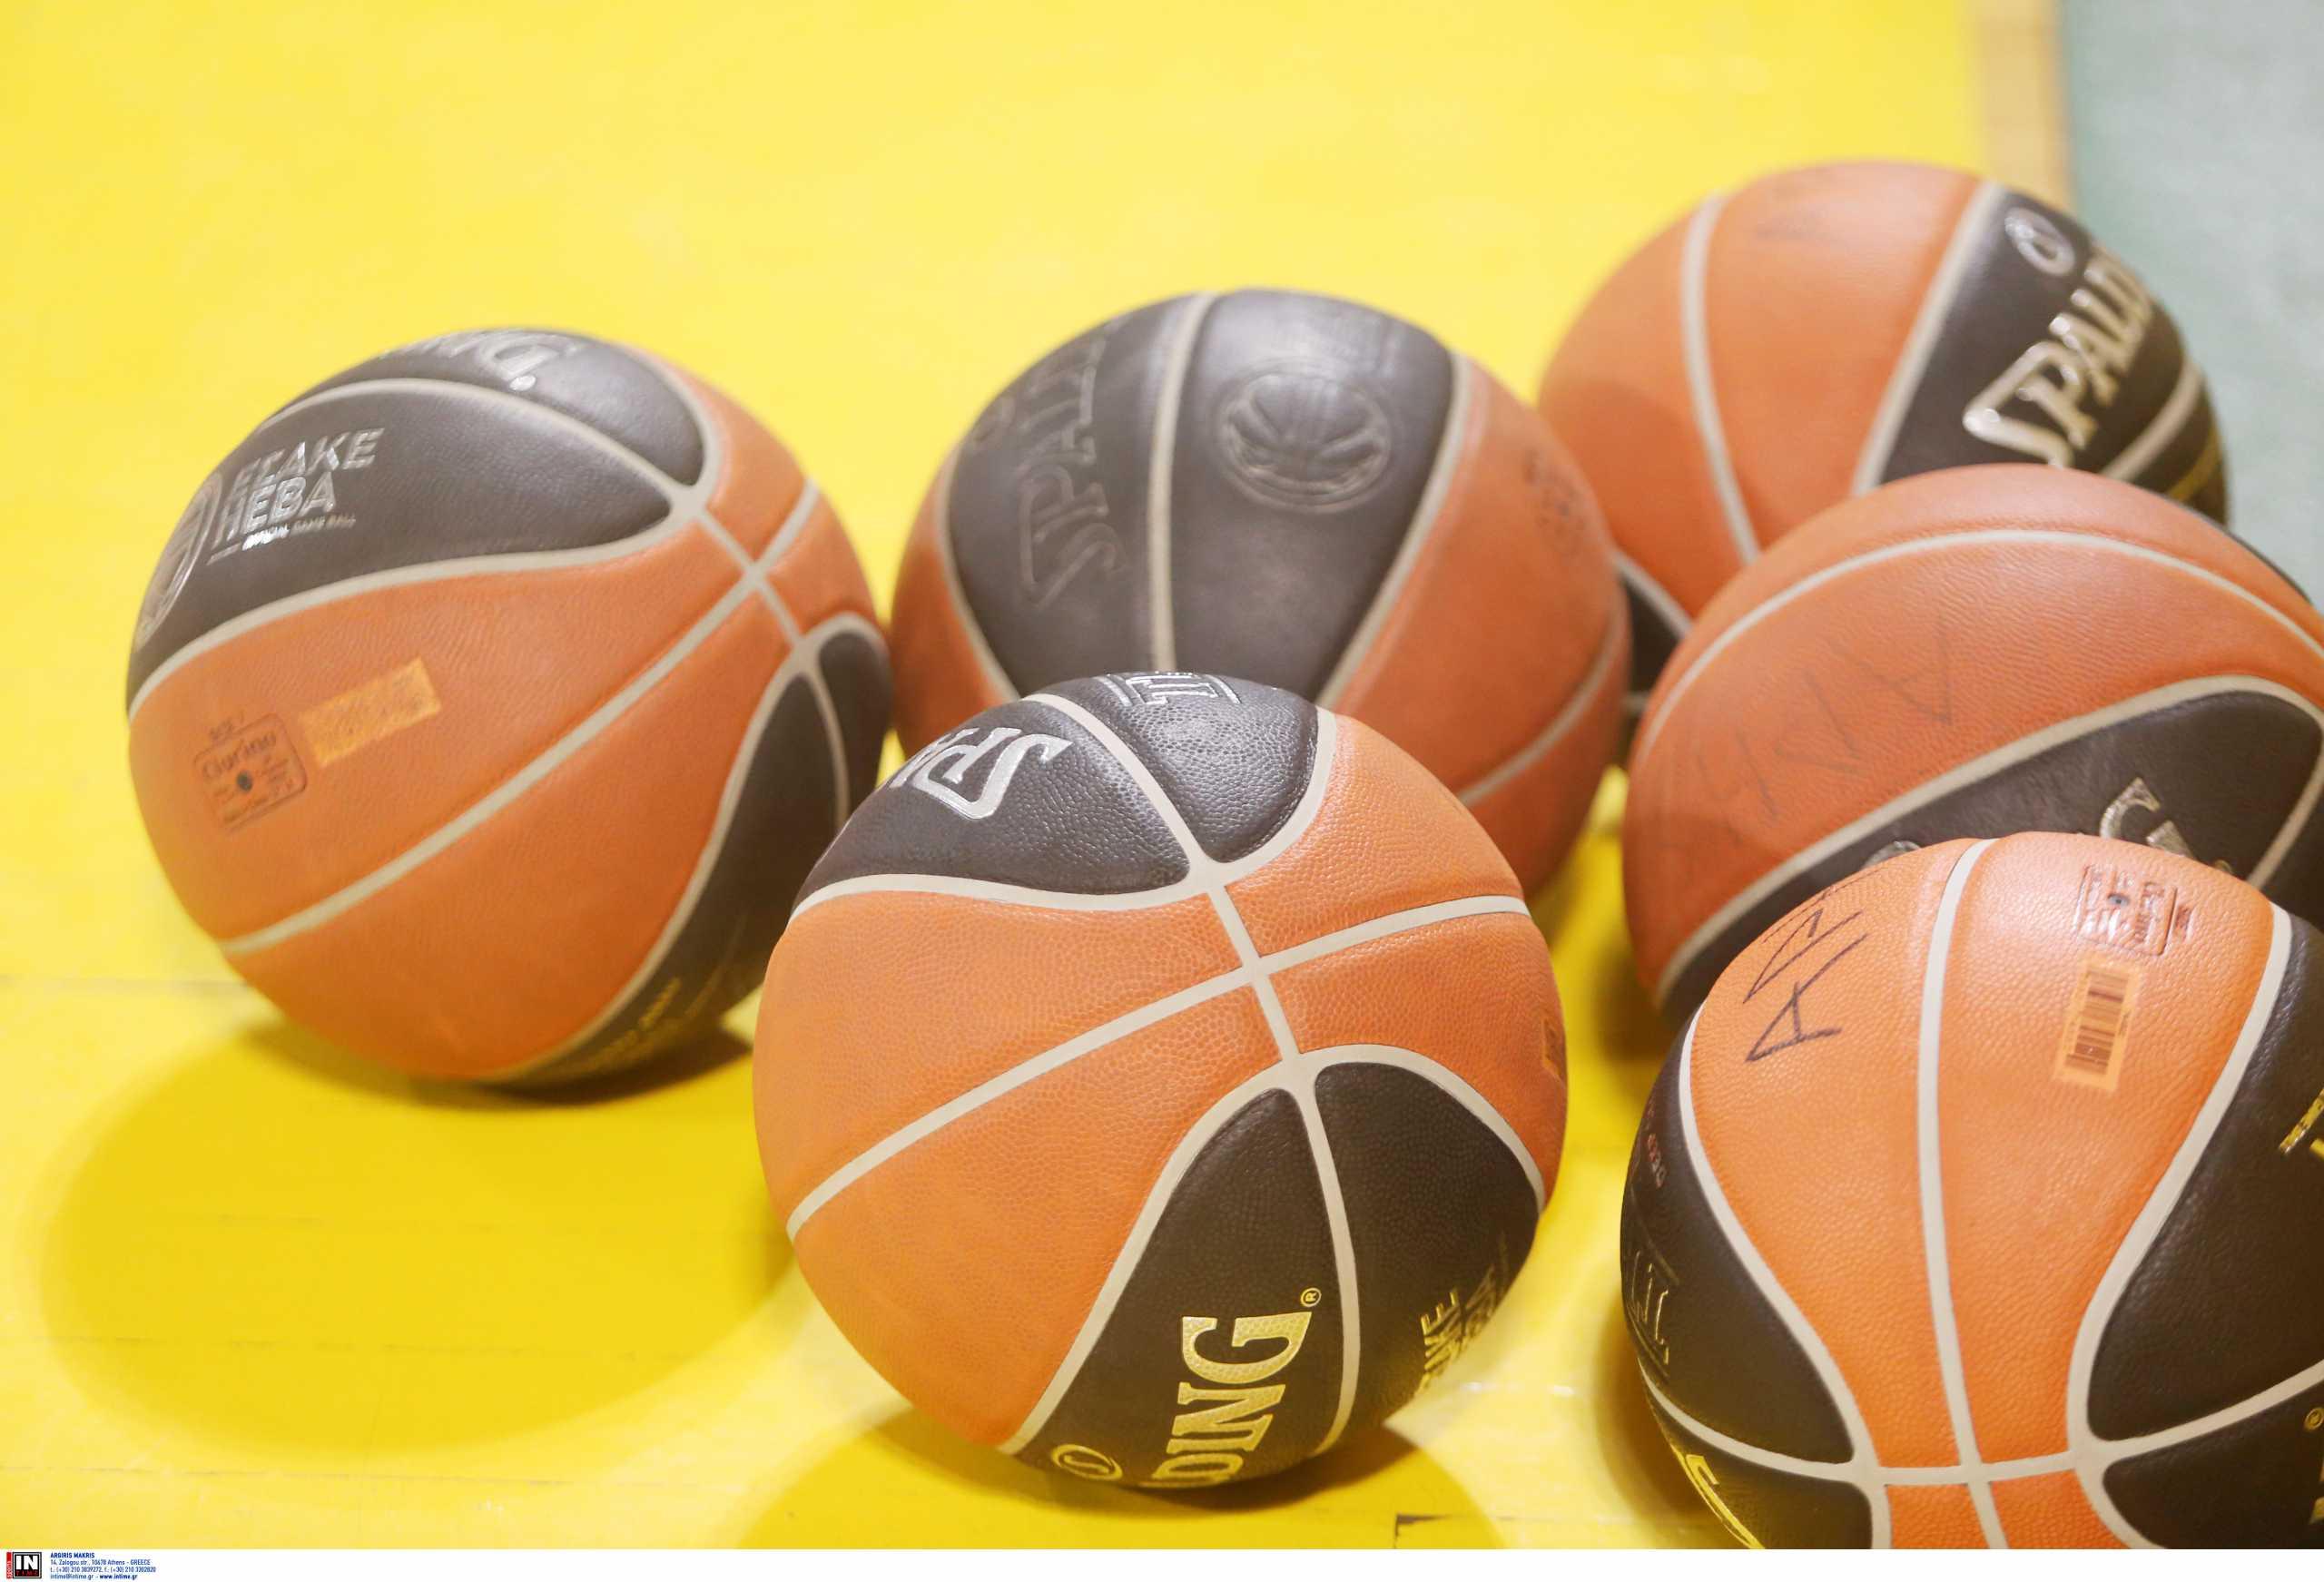 ΕΣΑΚΕ: Τόσα χρήματα θα πάρουν οι ομάδες της Basket League